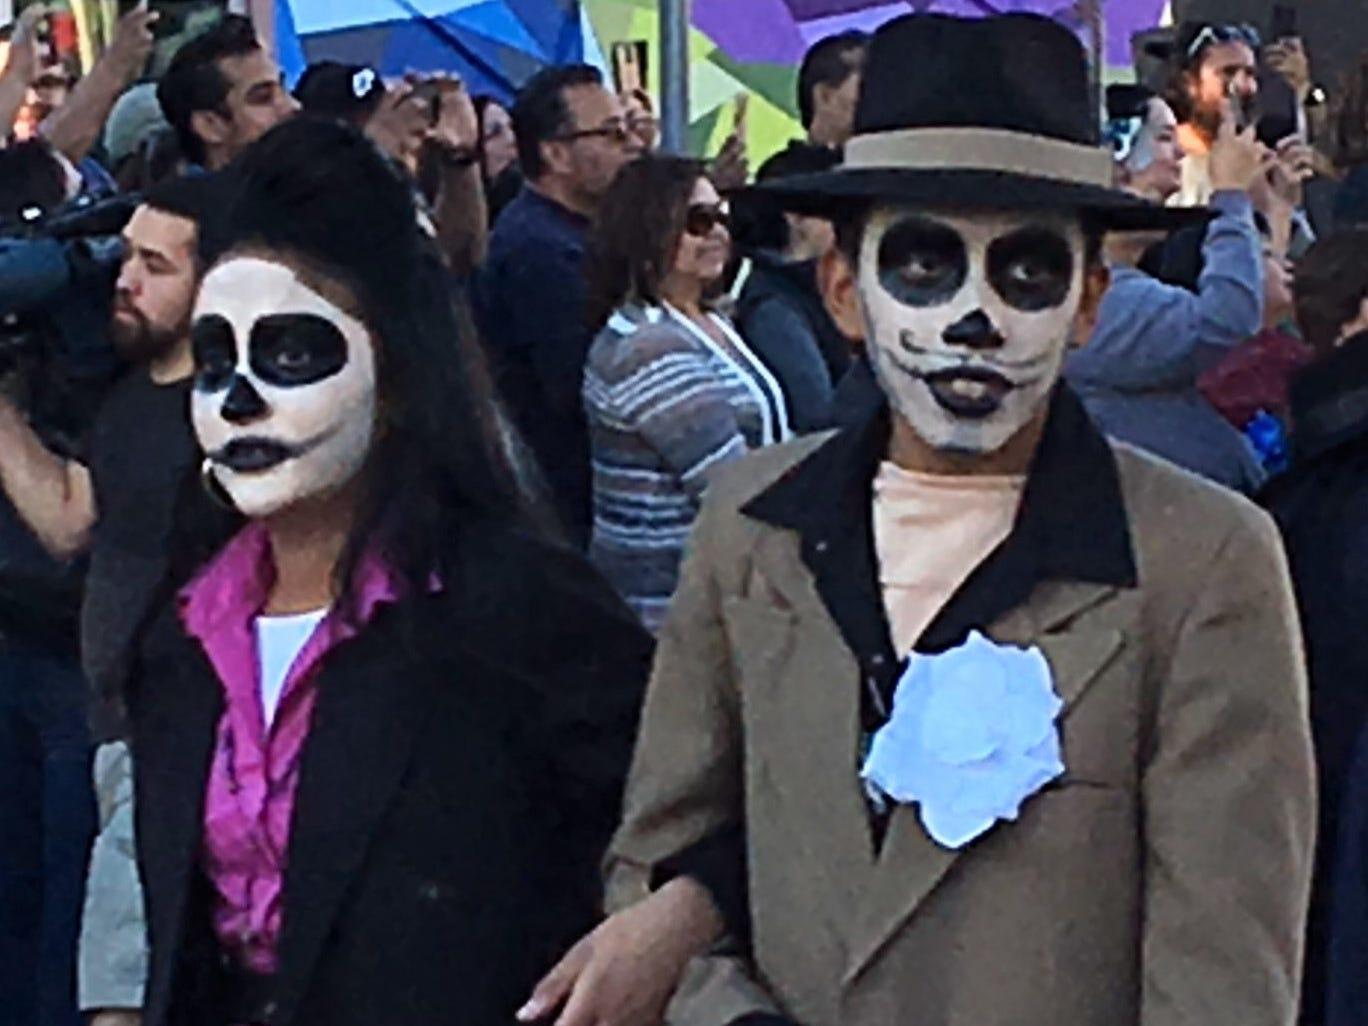 Dia de los Muertos-style pachucos in zoot suits walk in the Noche de Calaveras Parade in Downtown El Paso.